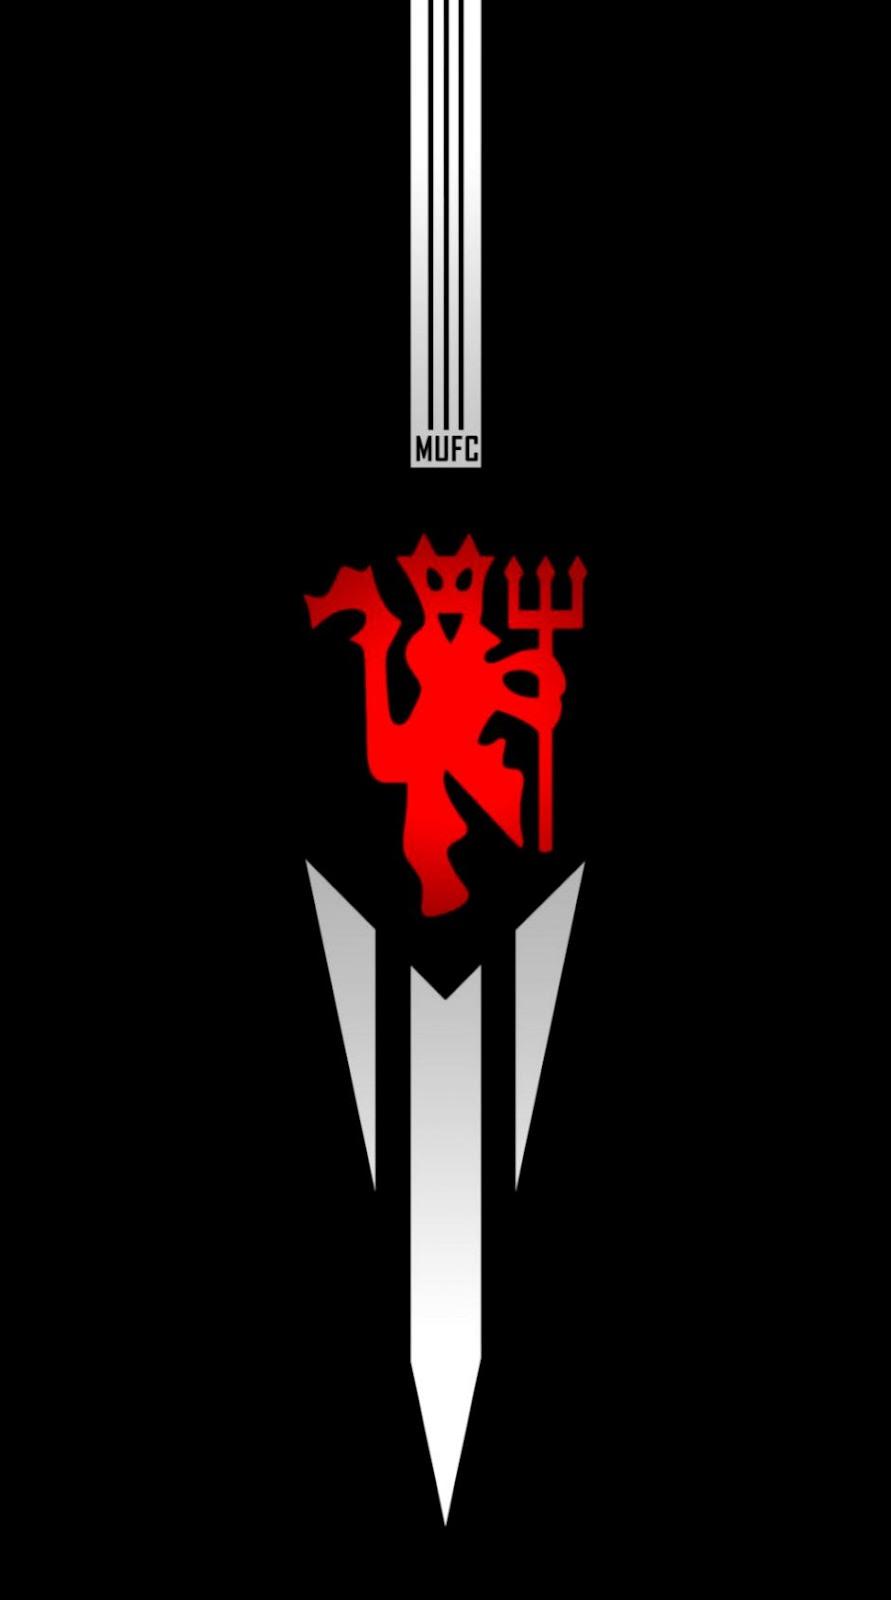 3d Manchester United Red Devils Logo Desktop Wallpapes Hd